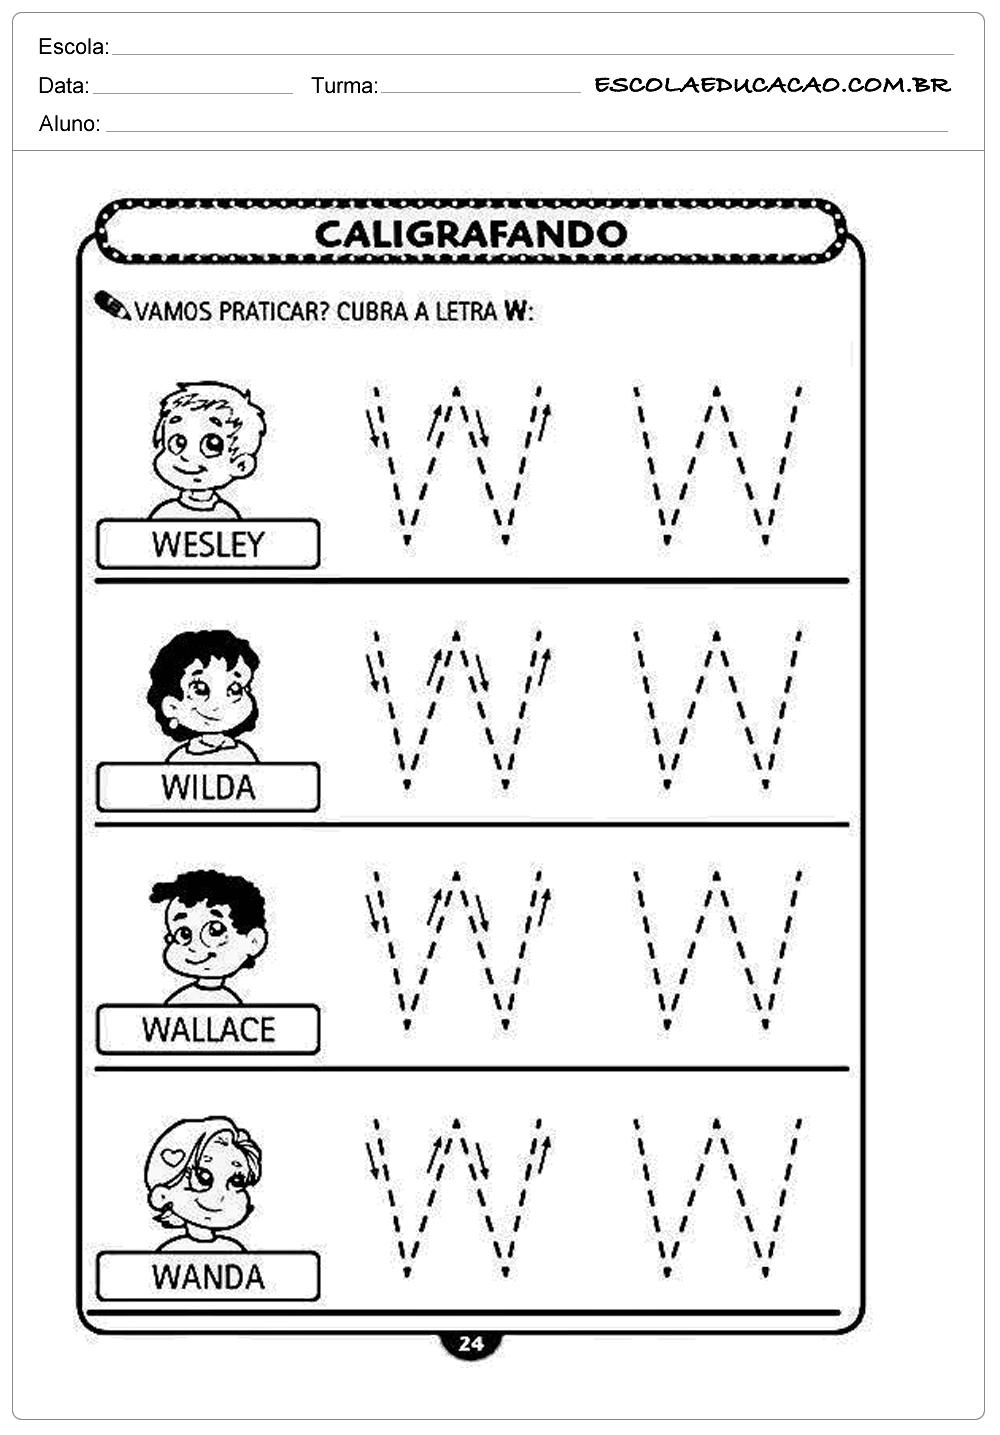 Iimprimir atividade de caligrafia letra W